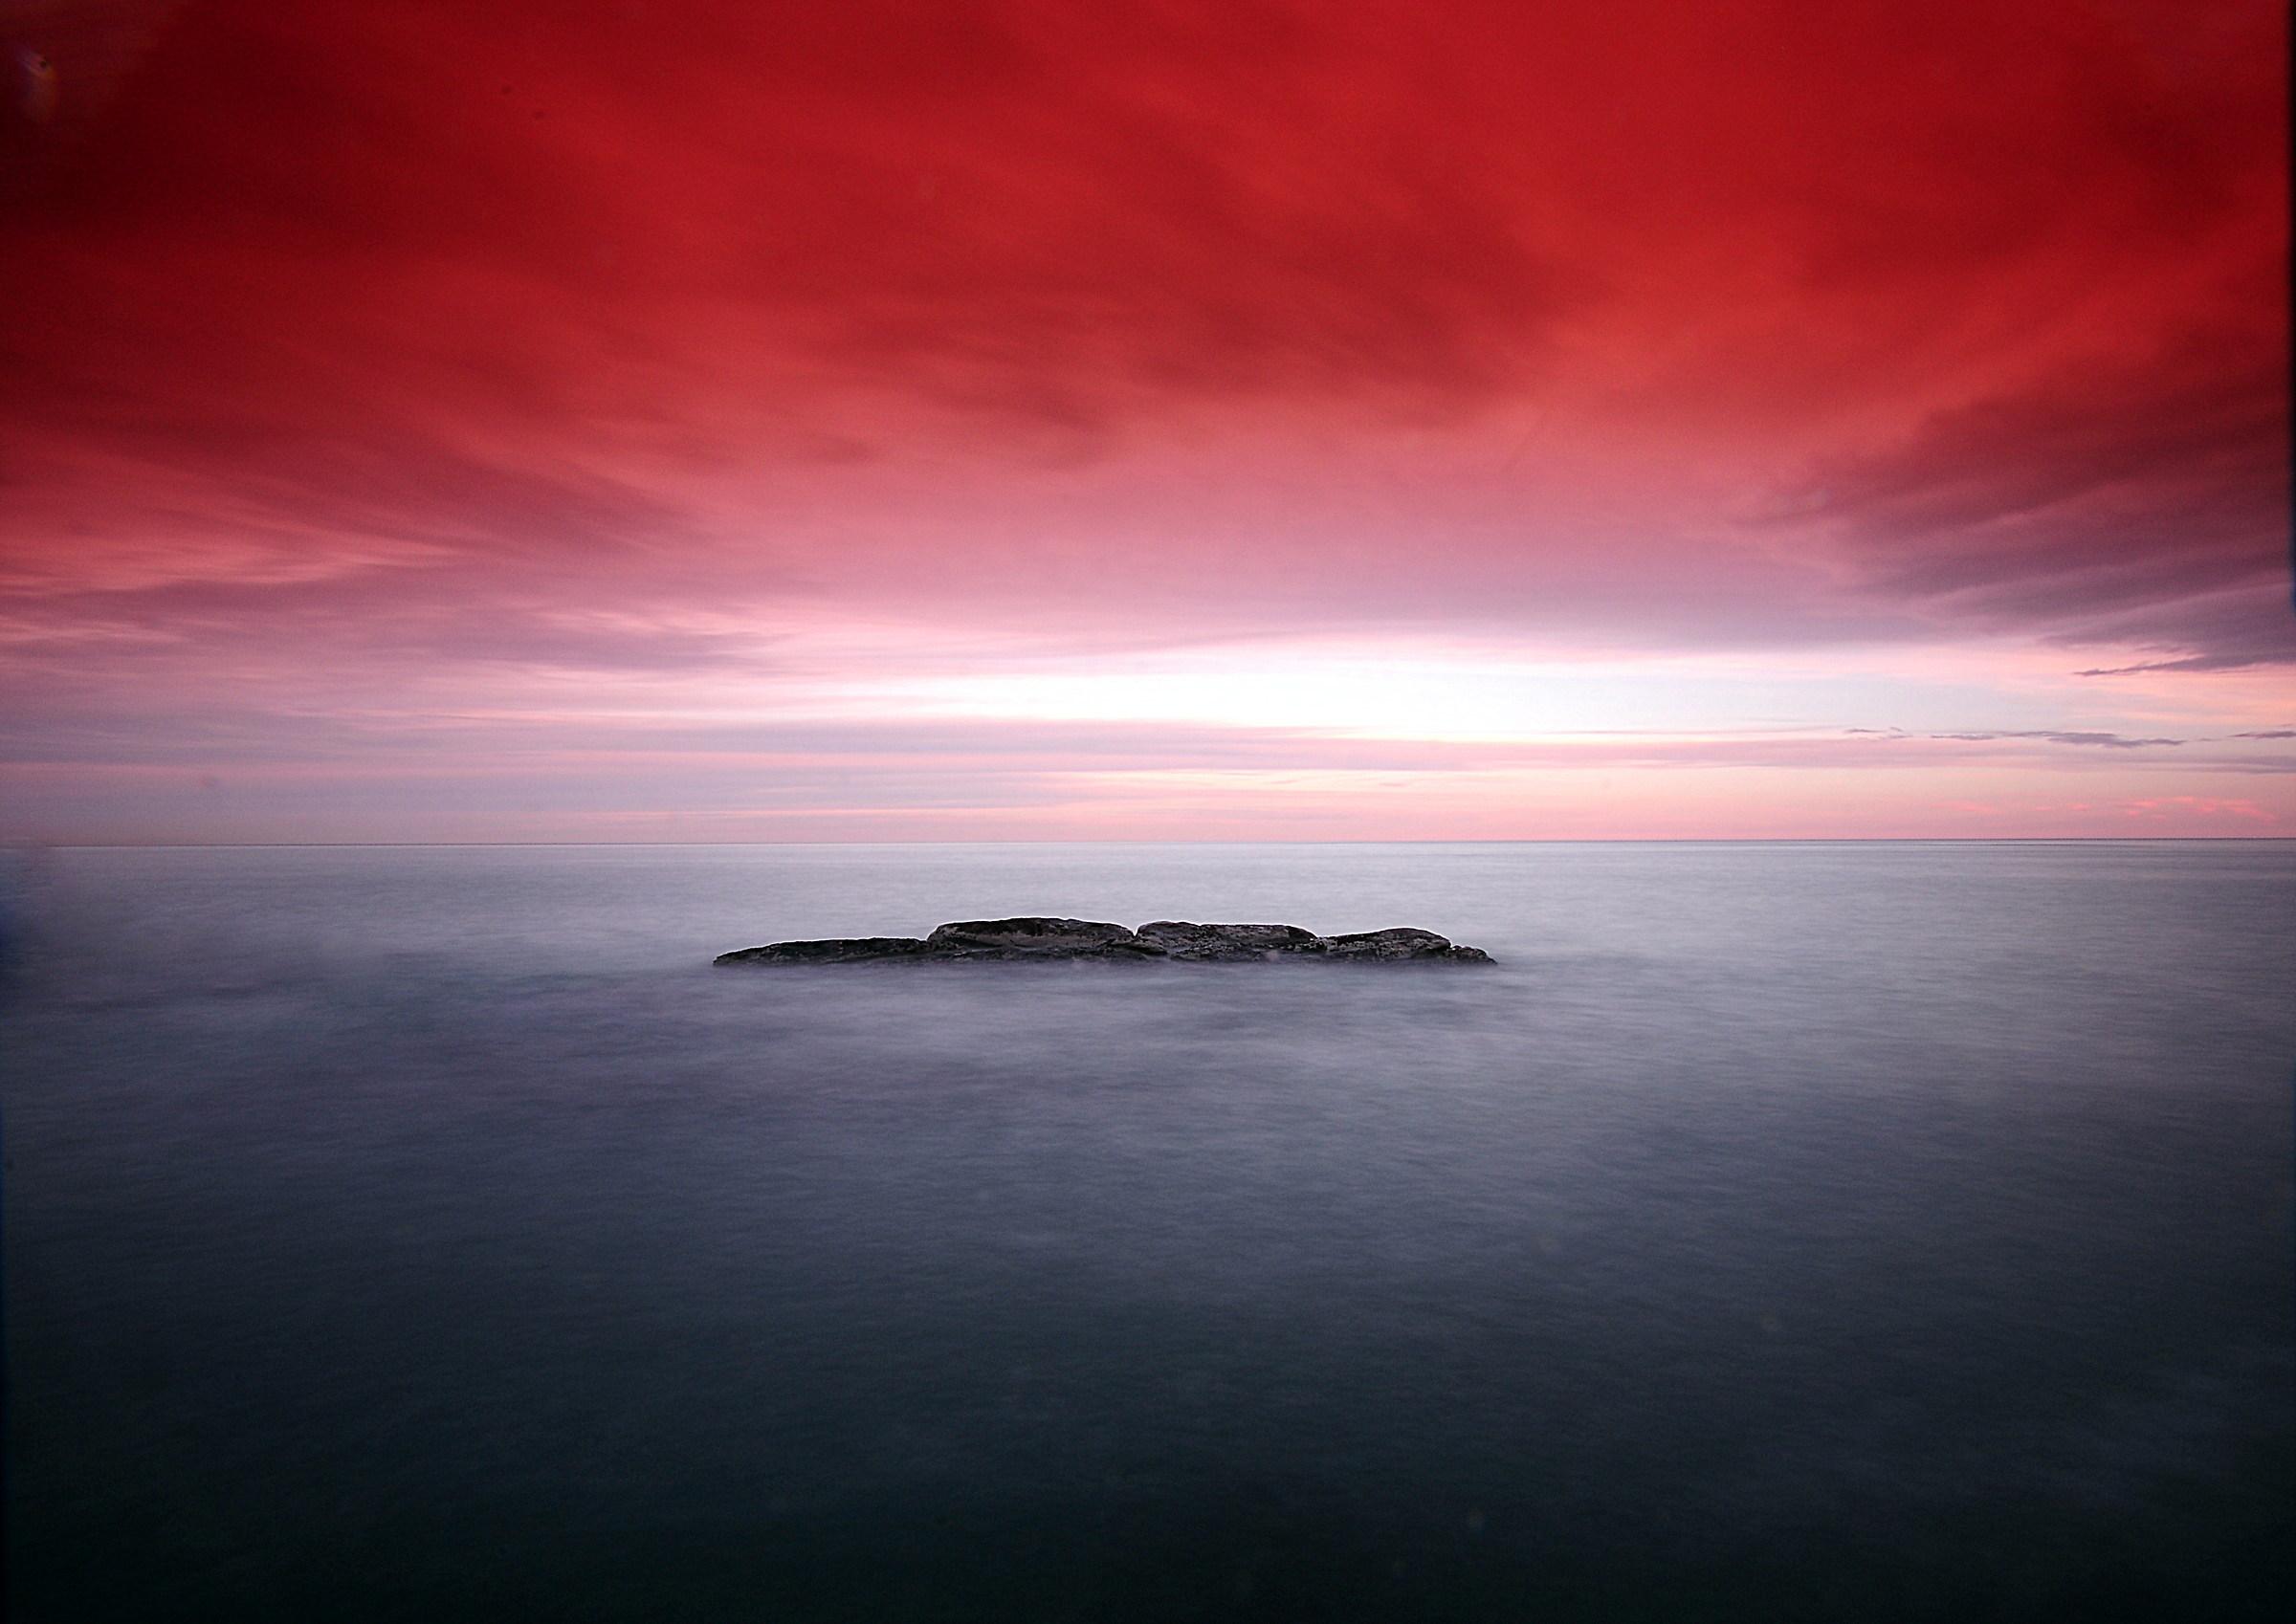 L'isola che non c'è...